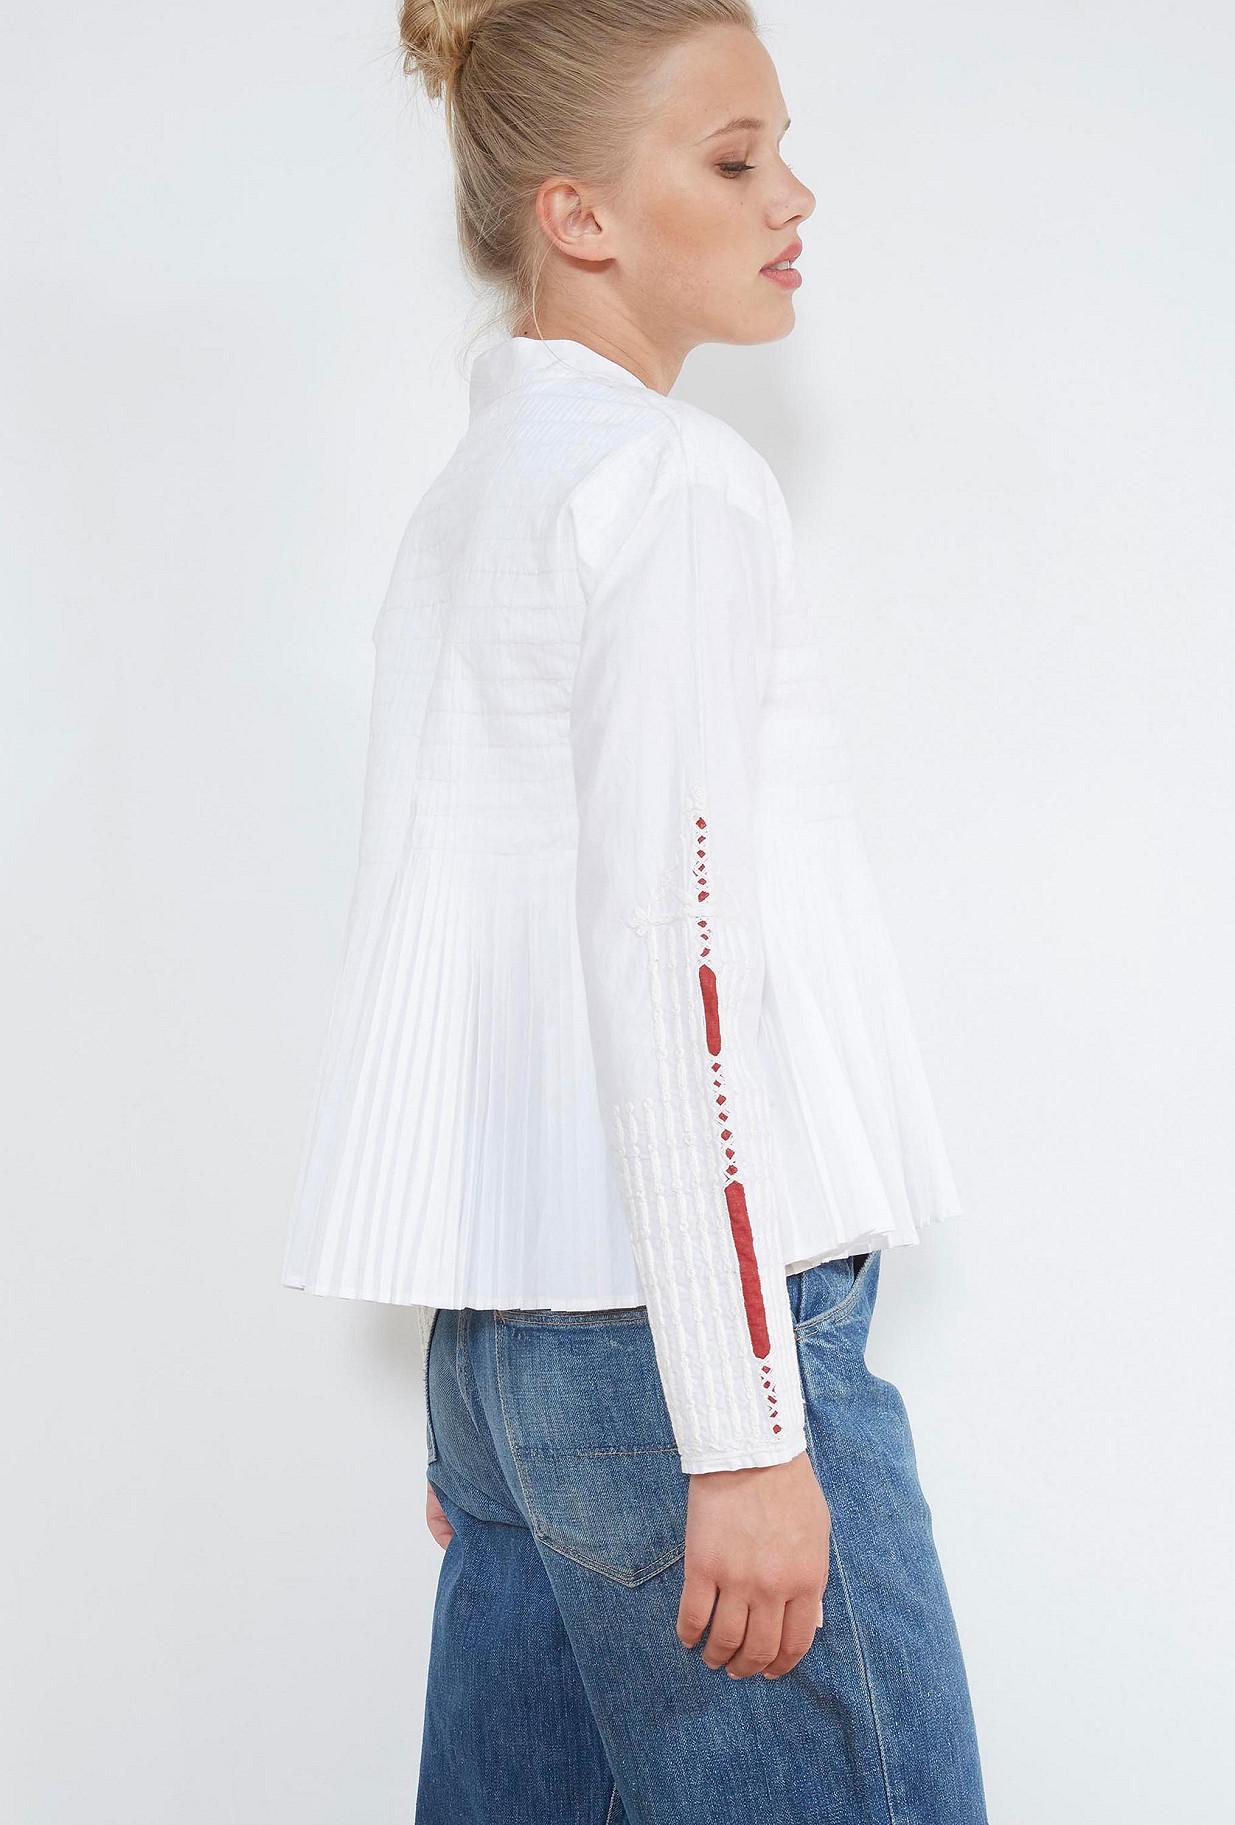 VESTE Blanc  Artemis mes demoiselles paris vêtement femme paris